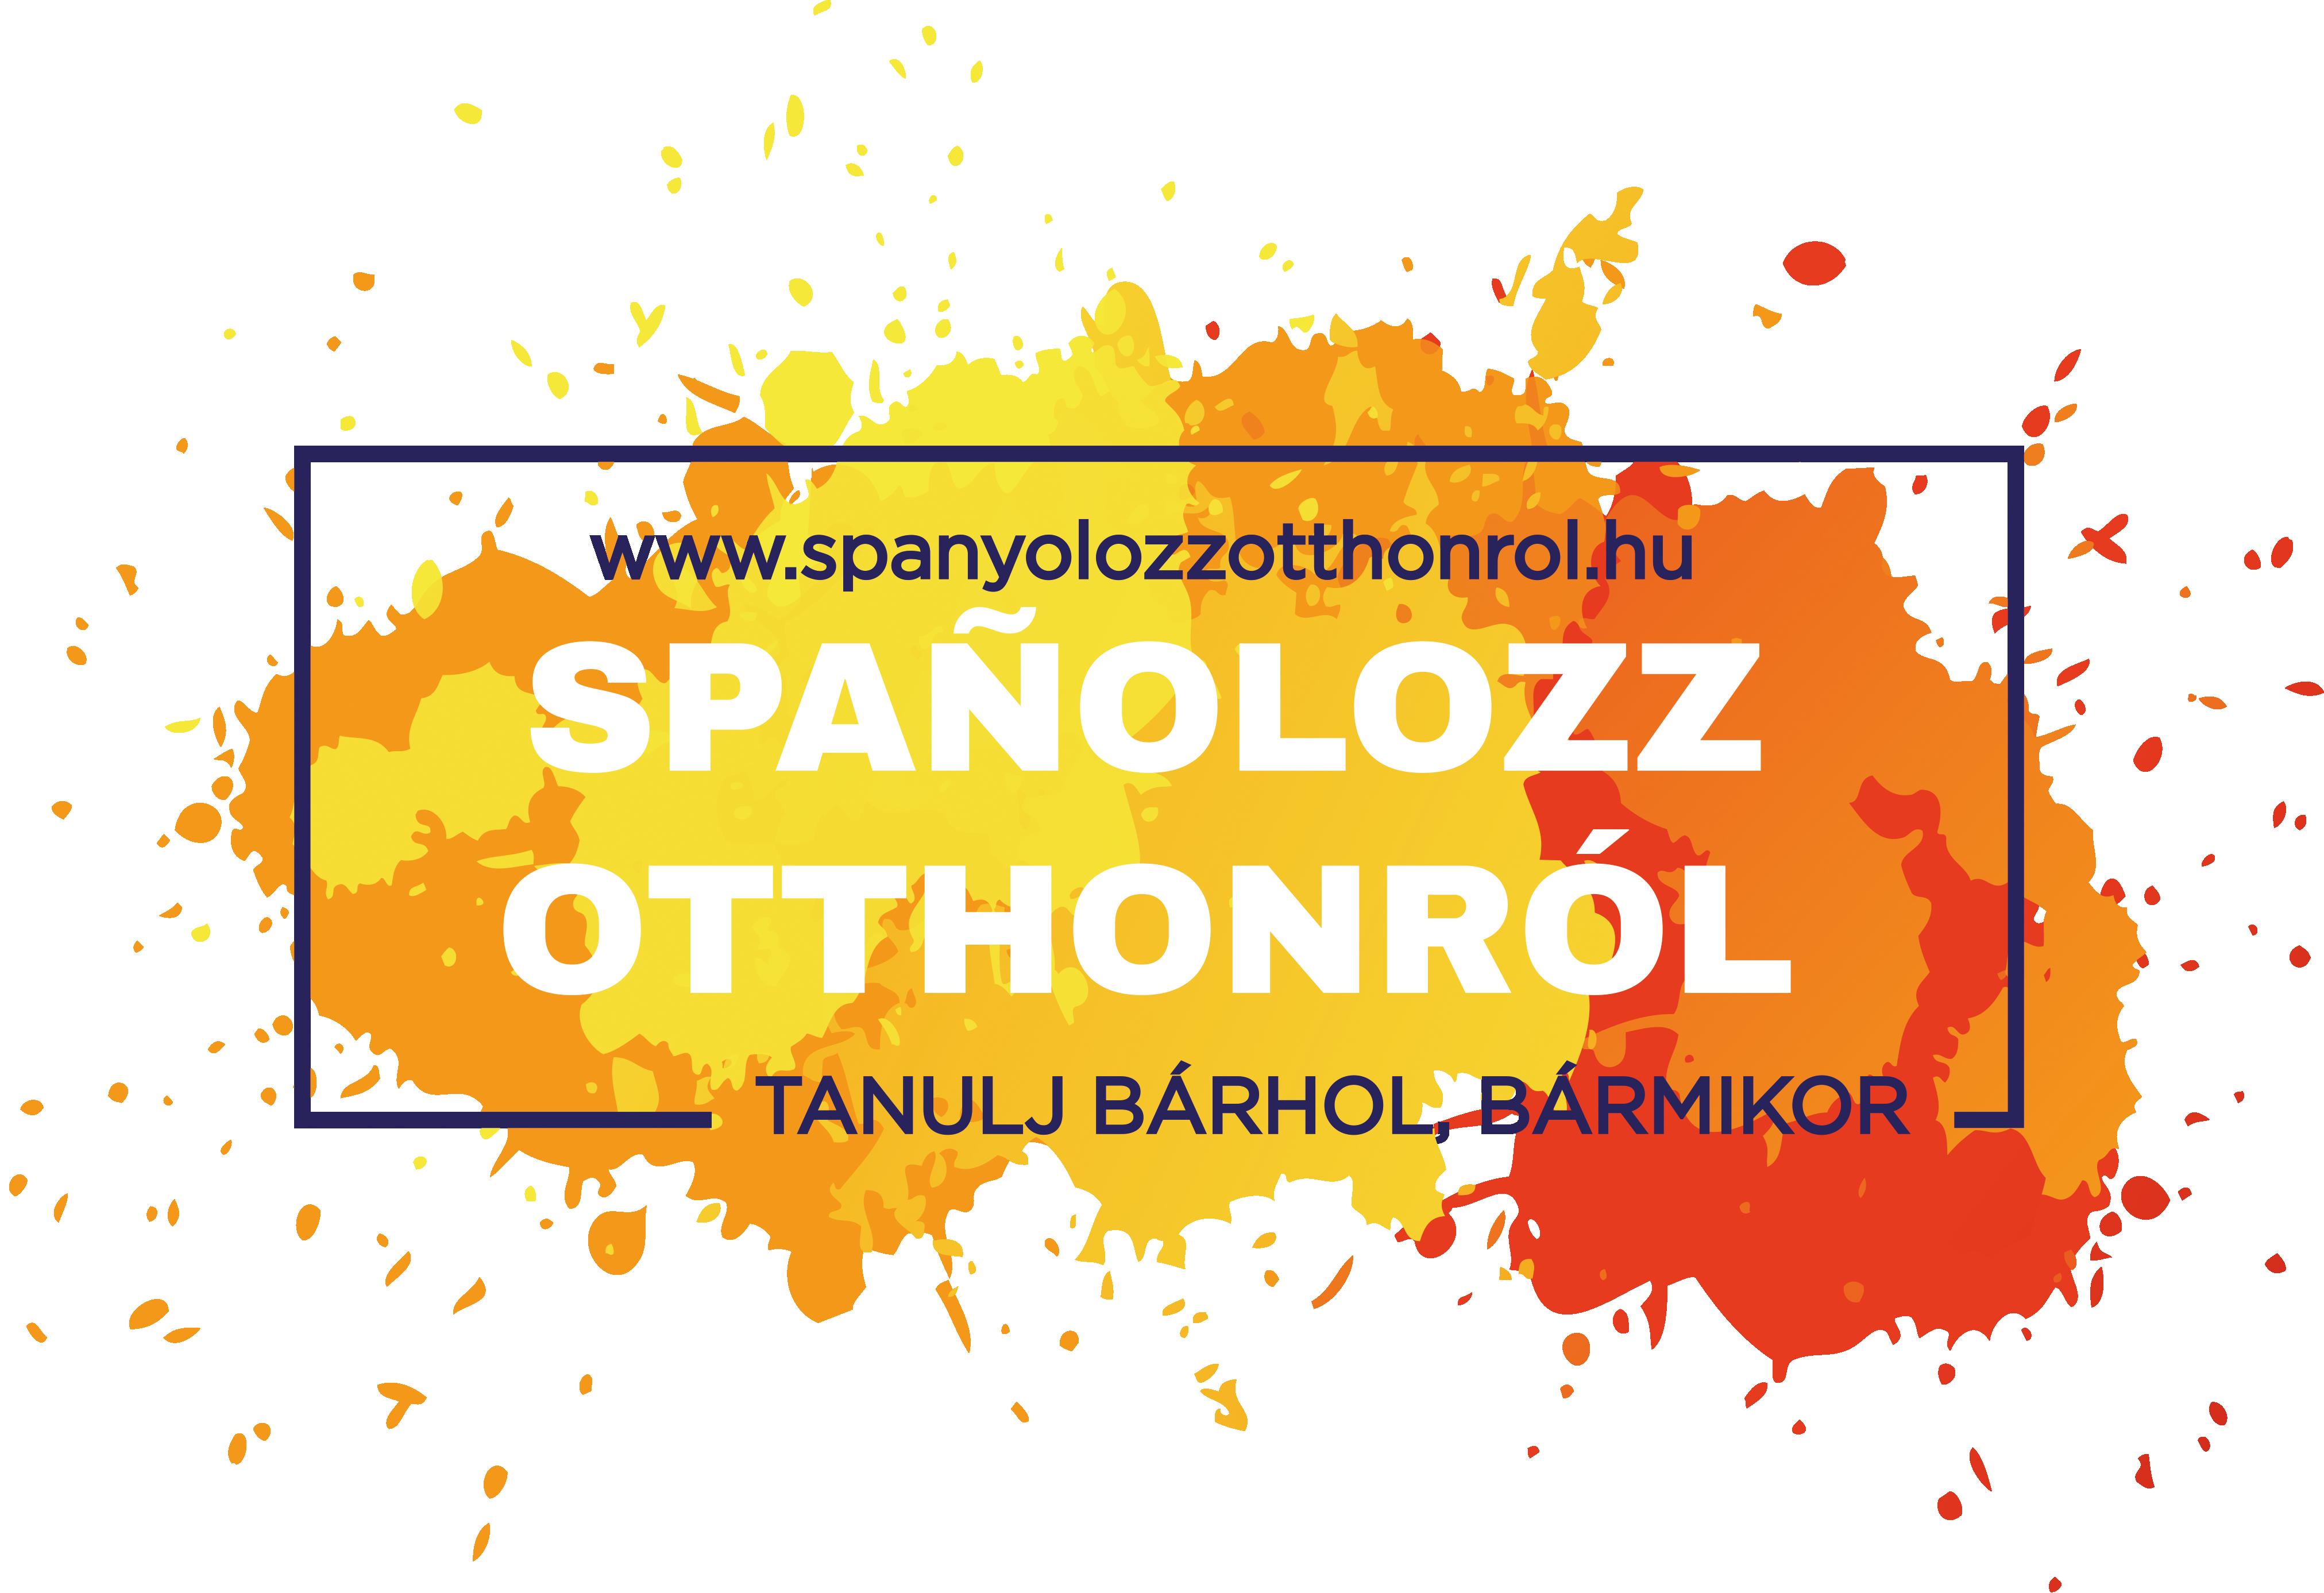 Spanyolozzotthonrol_onlinetanterem